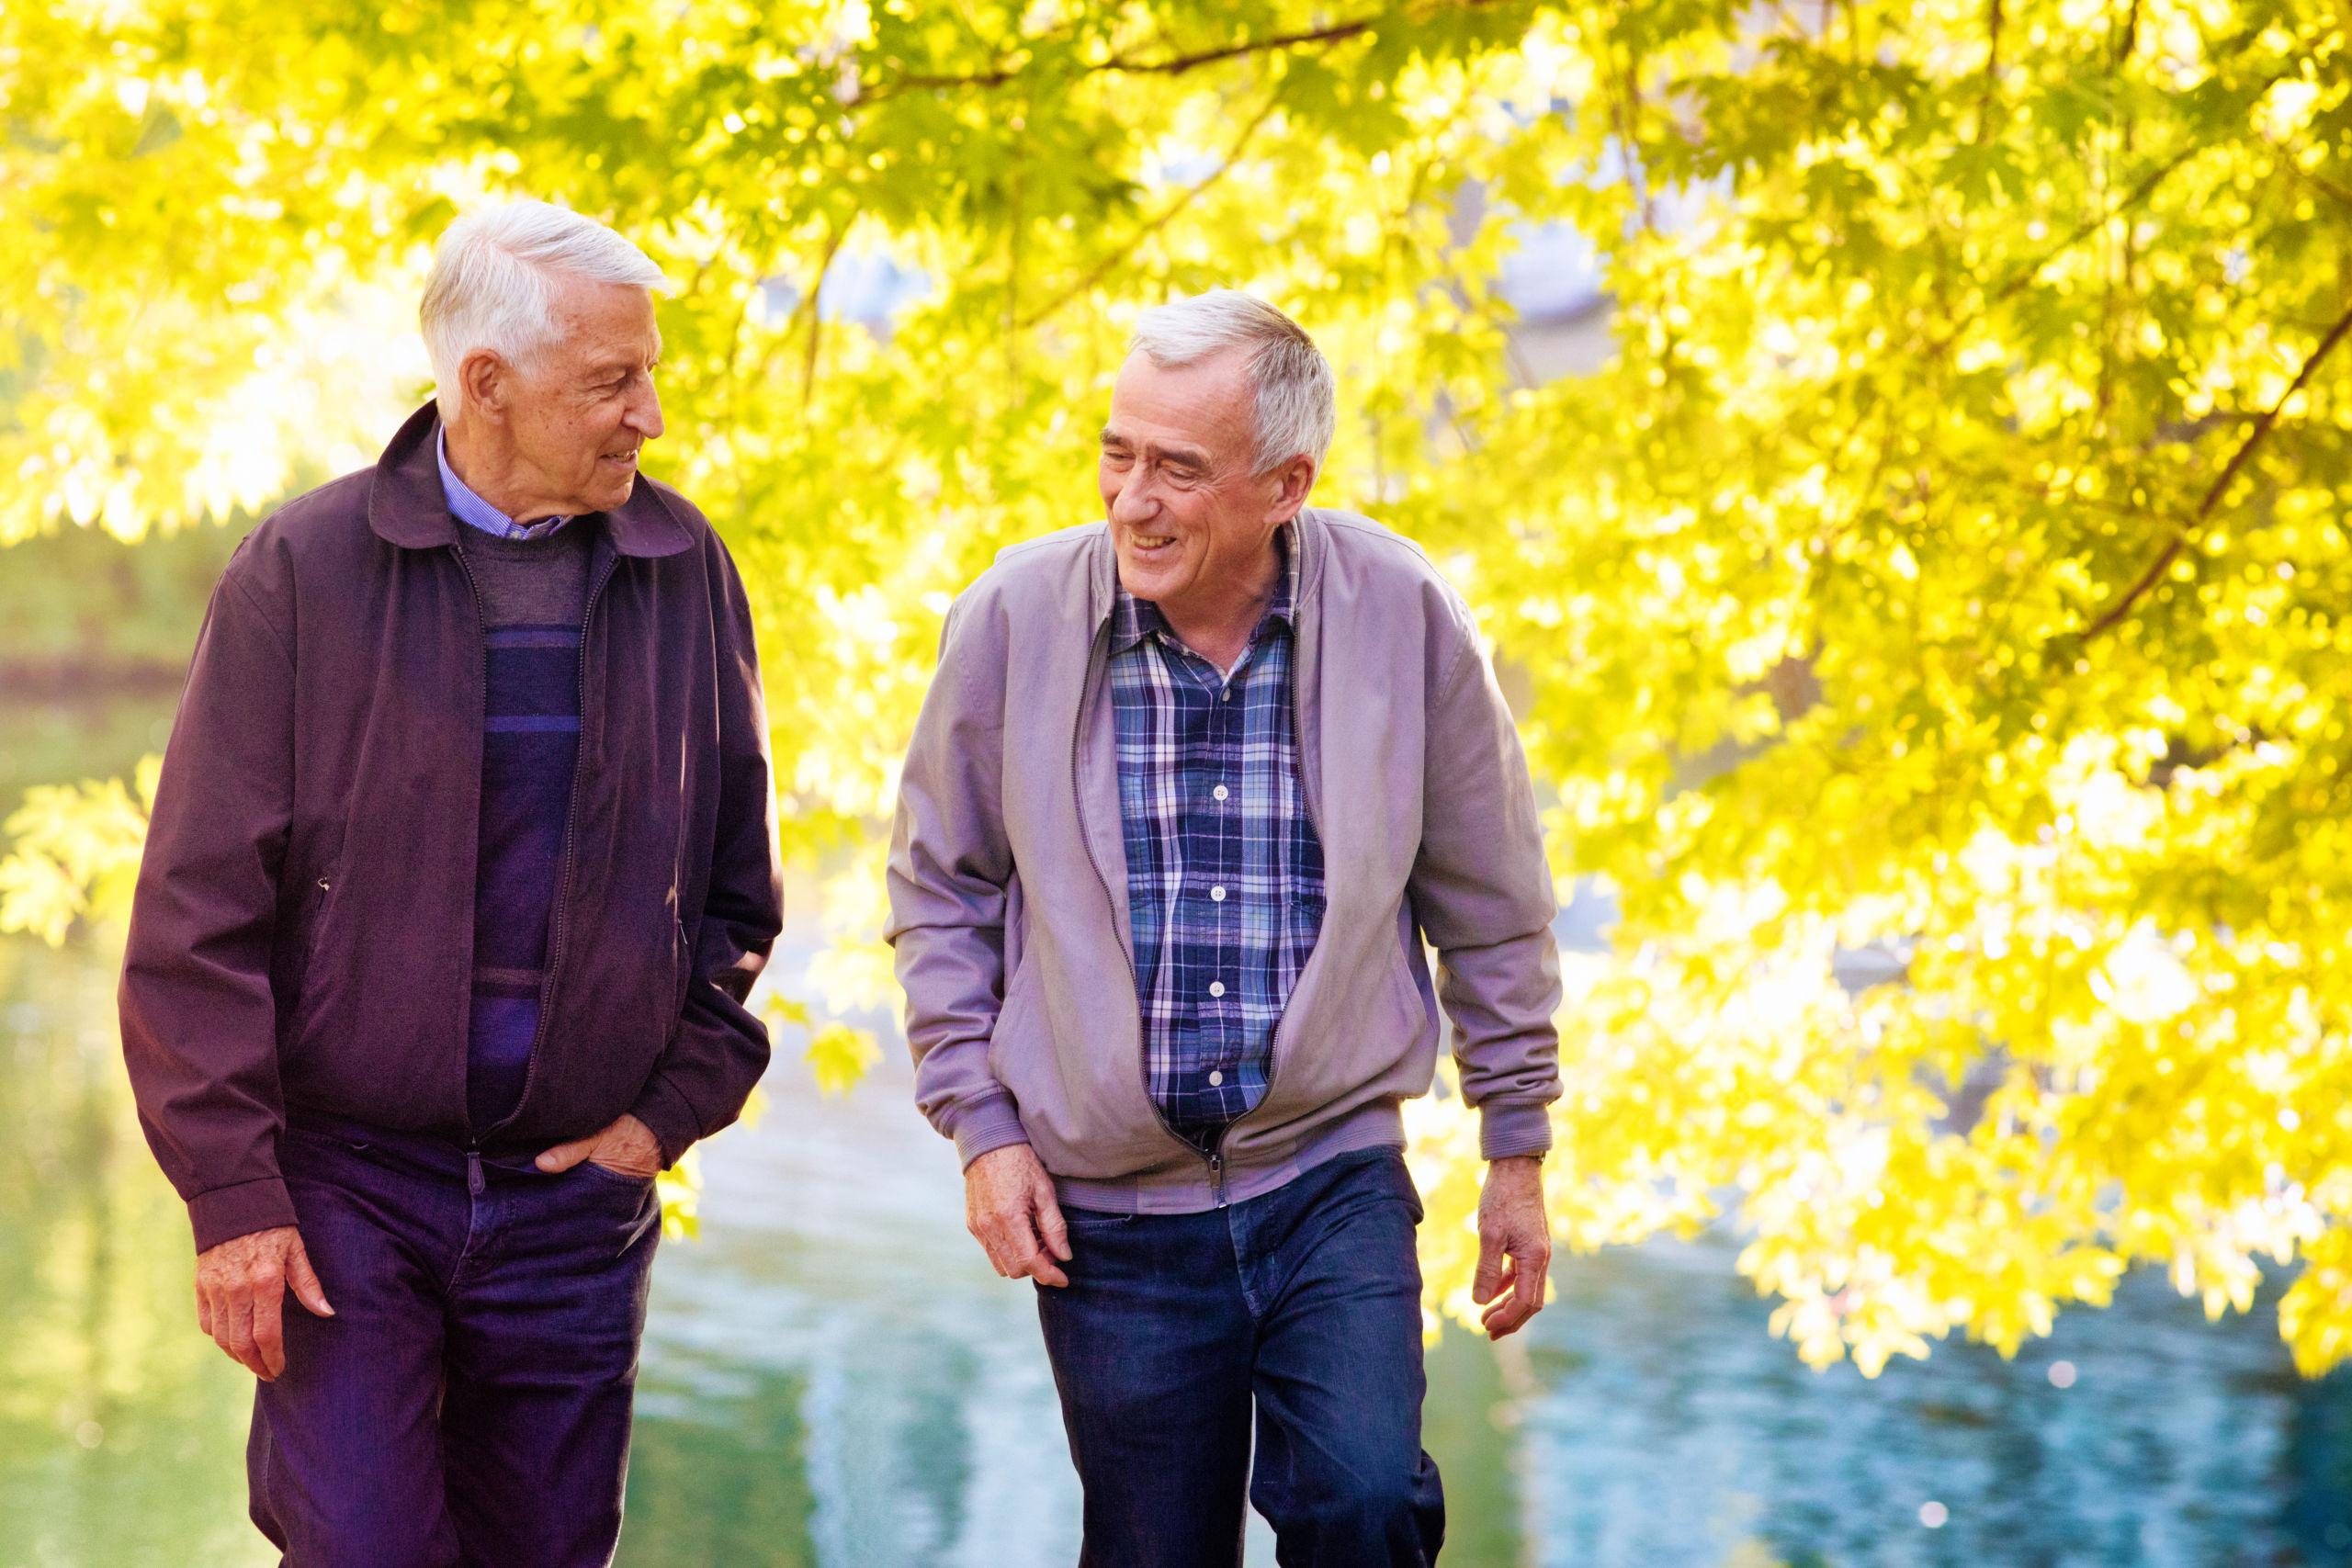 2 mannen lopen na revalidatie vrolijk door een park